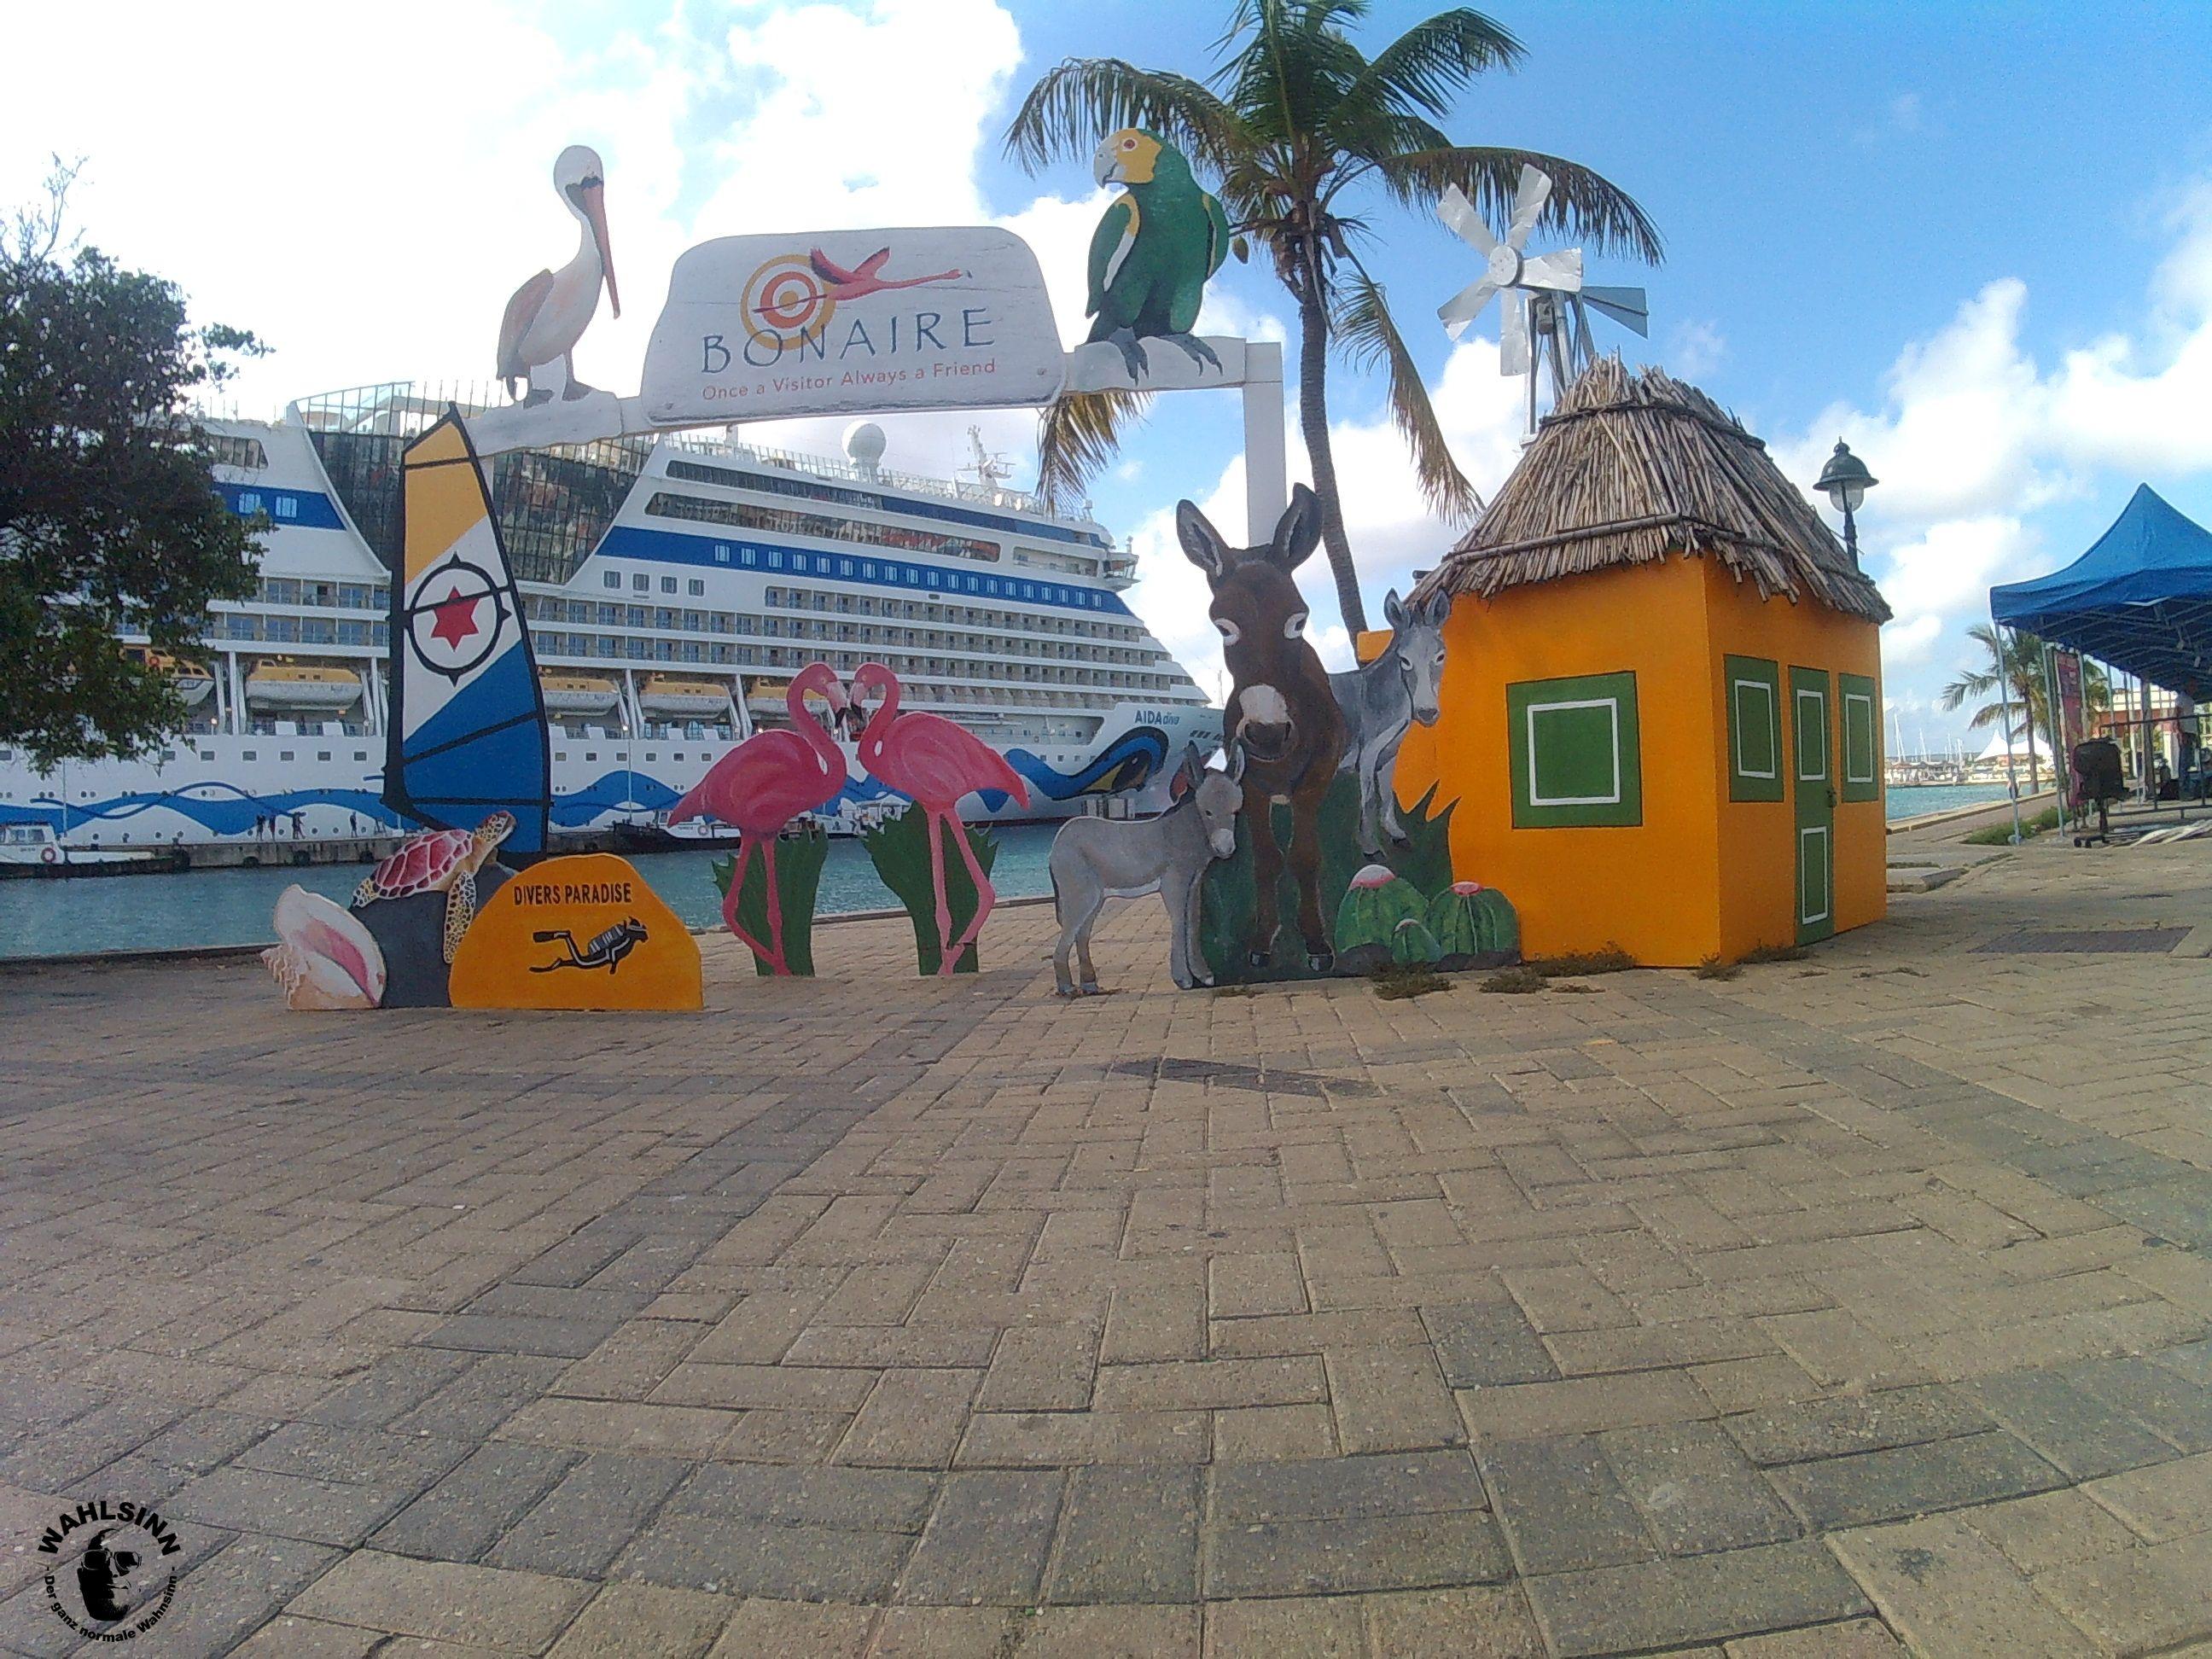 Bonaire - Der Hafenterminal in der Hauptstadt lädt Hobbyfotografen schon zum verwailen ein